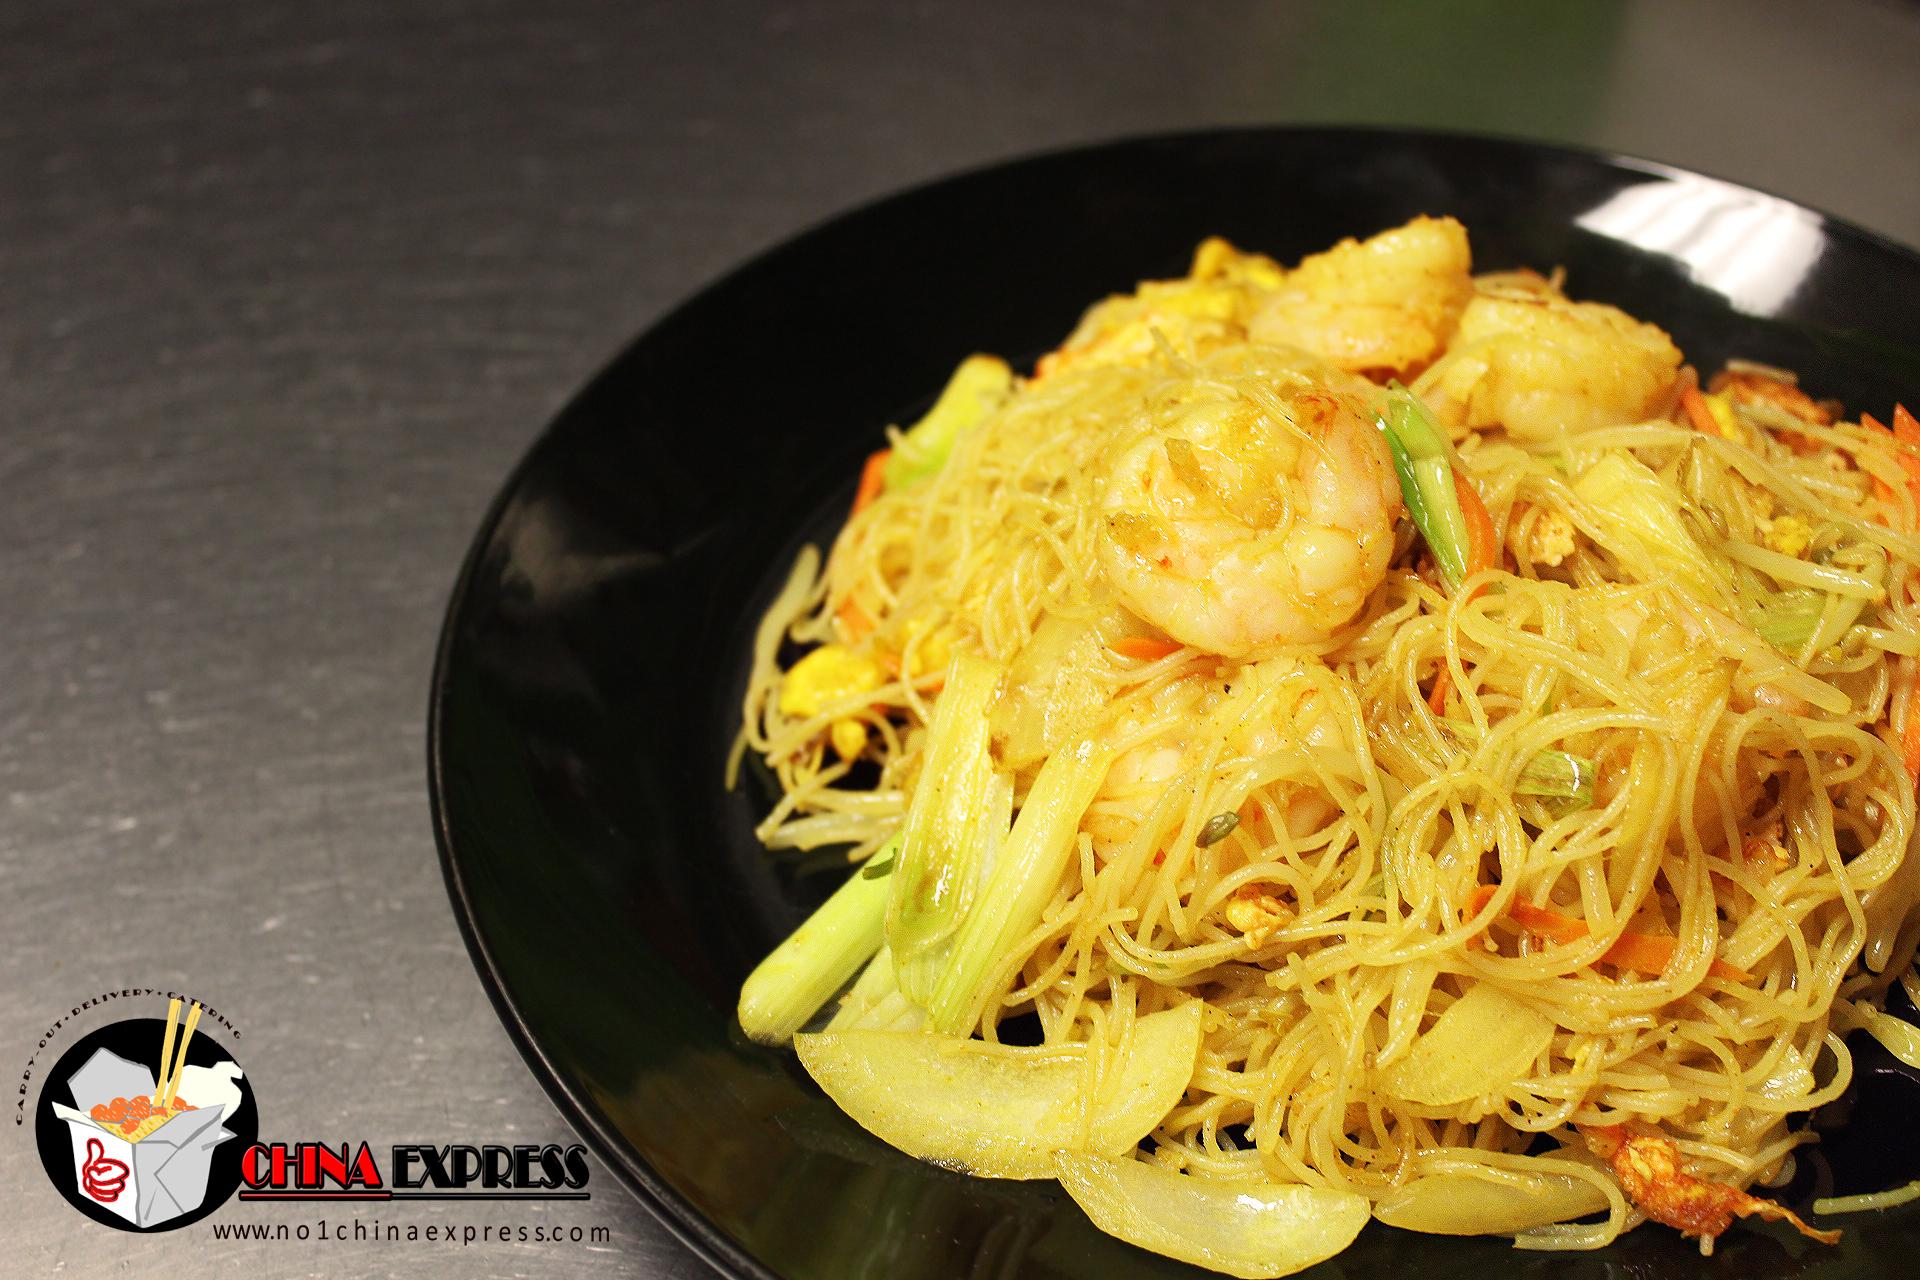 (S) Singapore Noodle Image